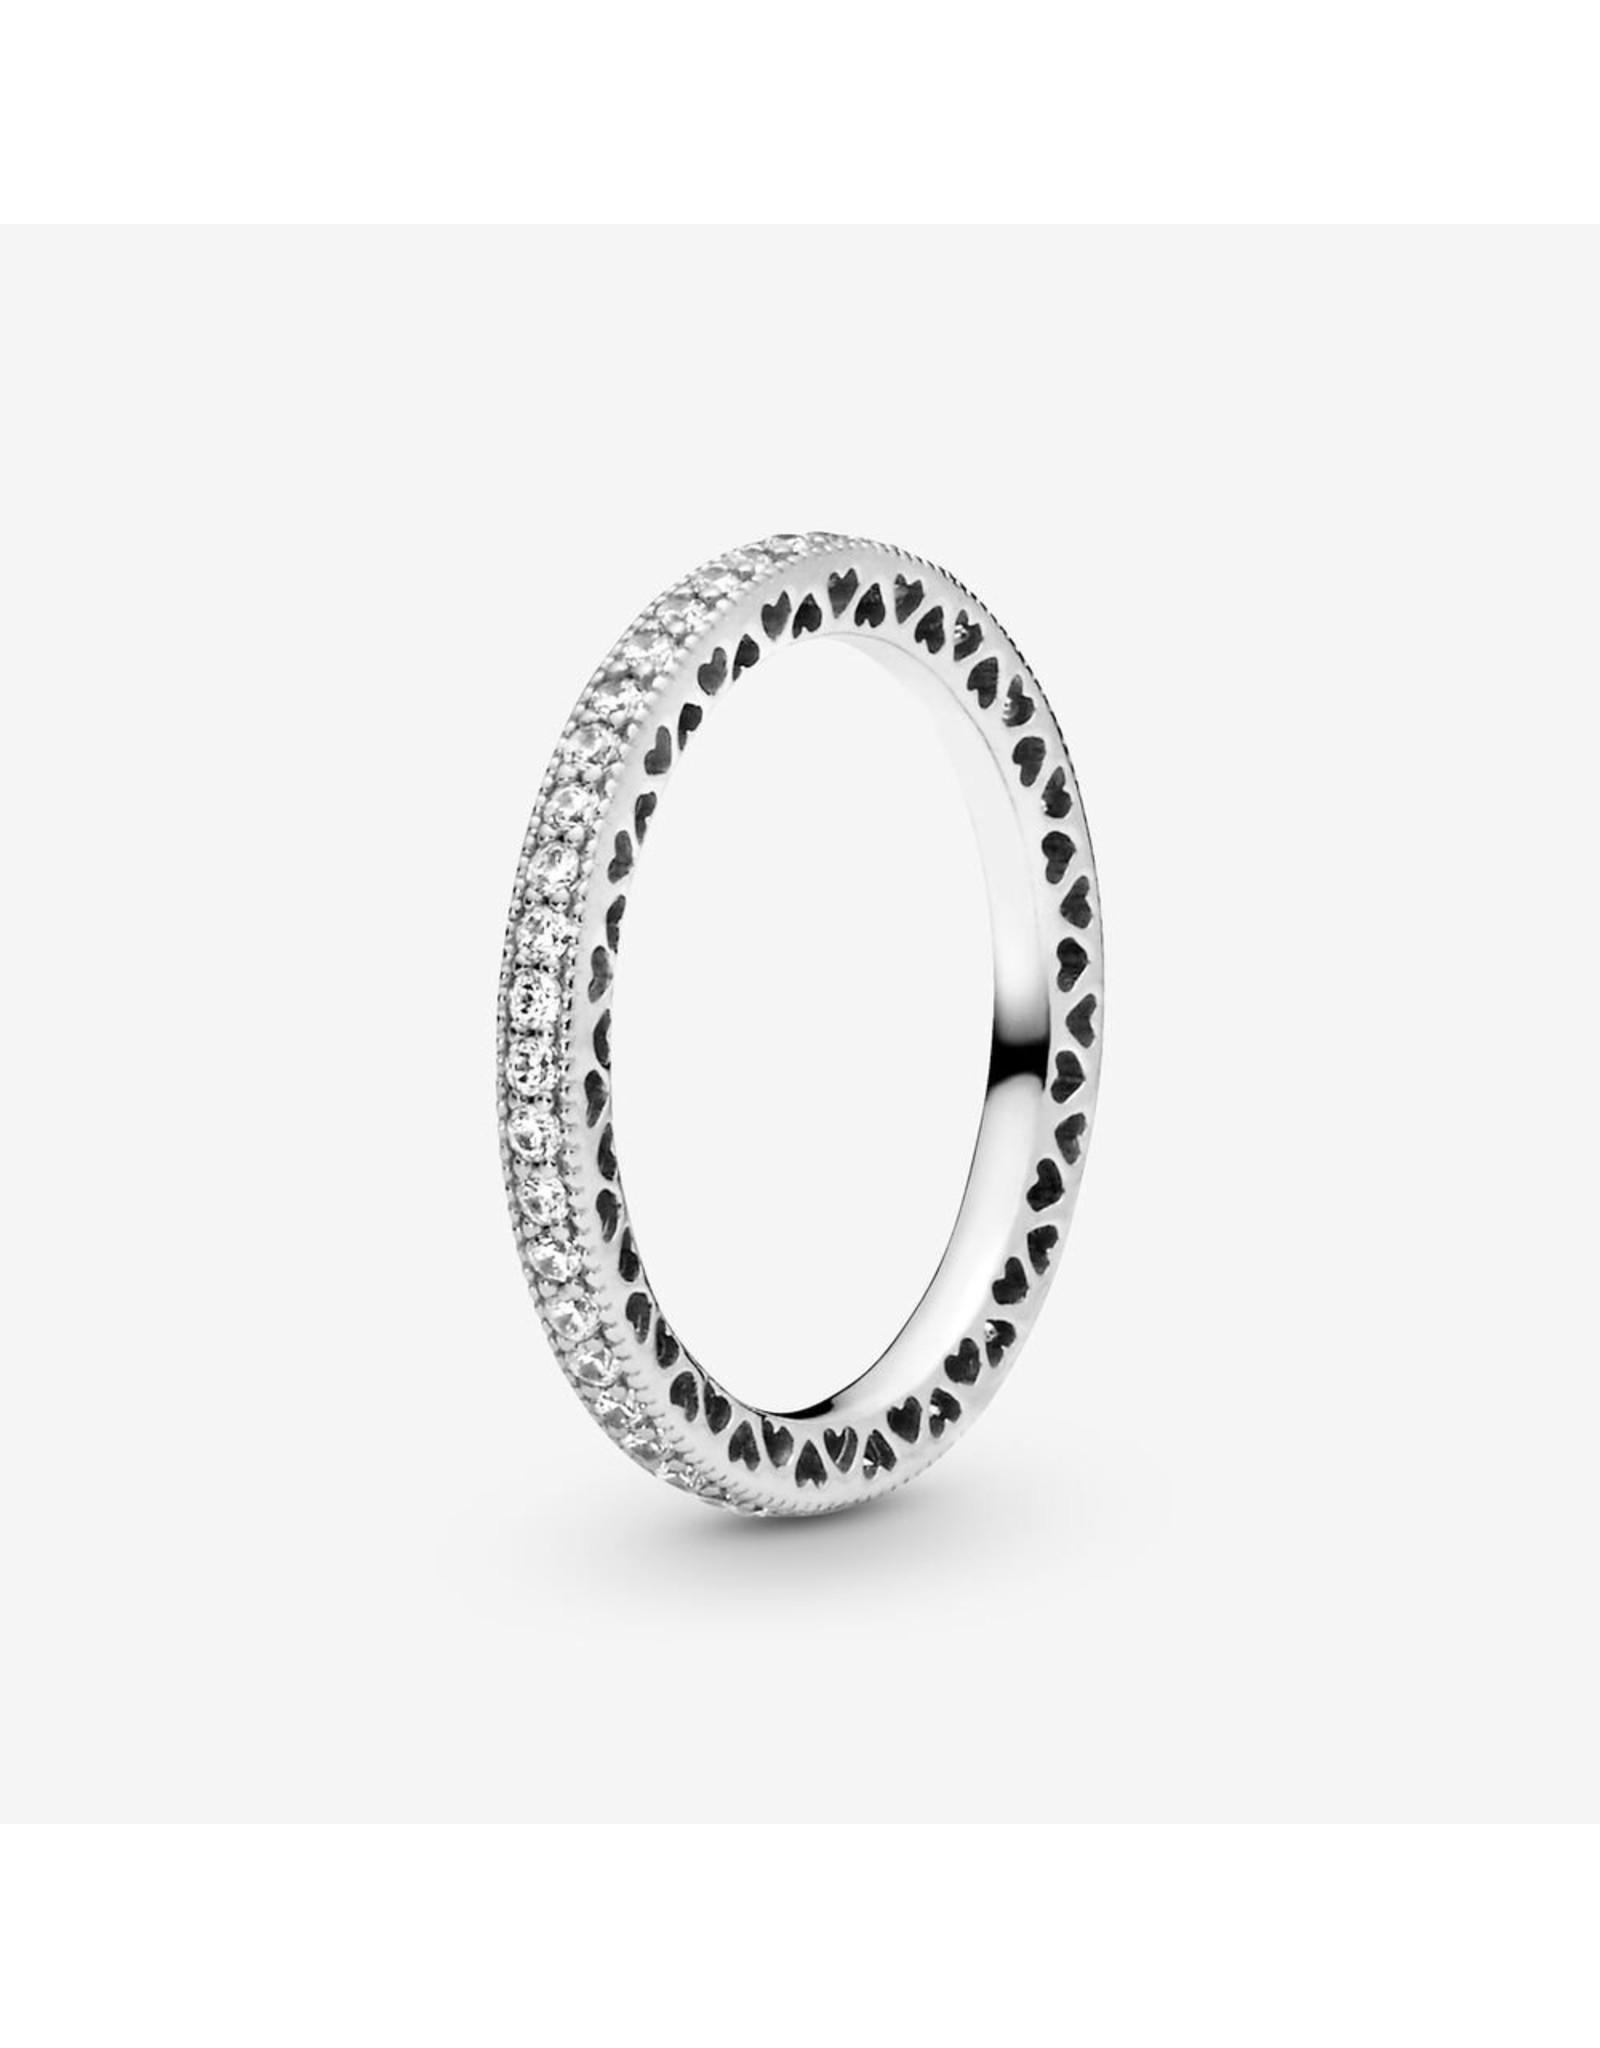 Pandora Pandora Ring,(190963CZ) Hearts Of Pandora, Clear CZ